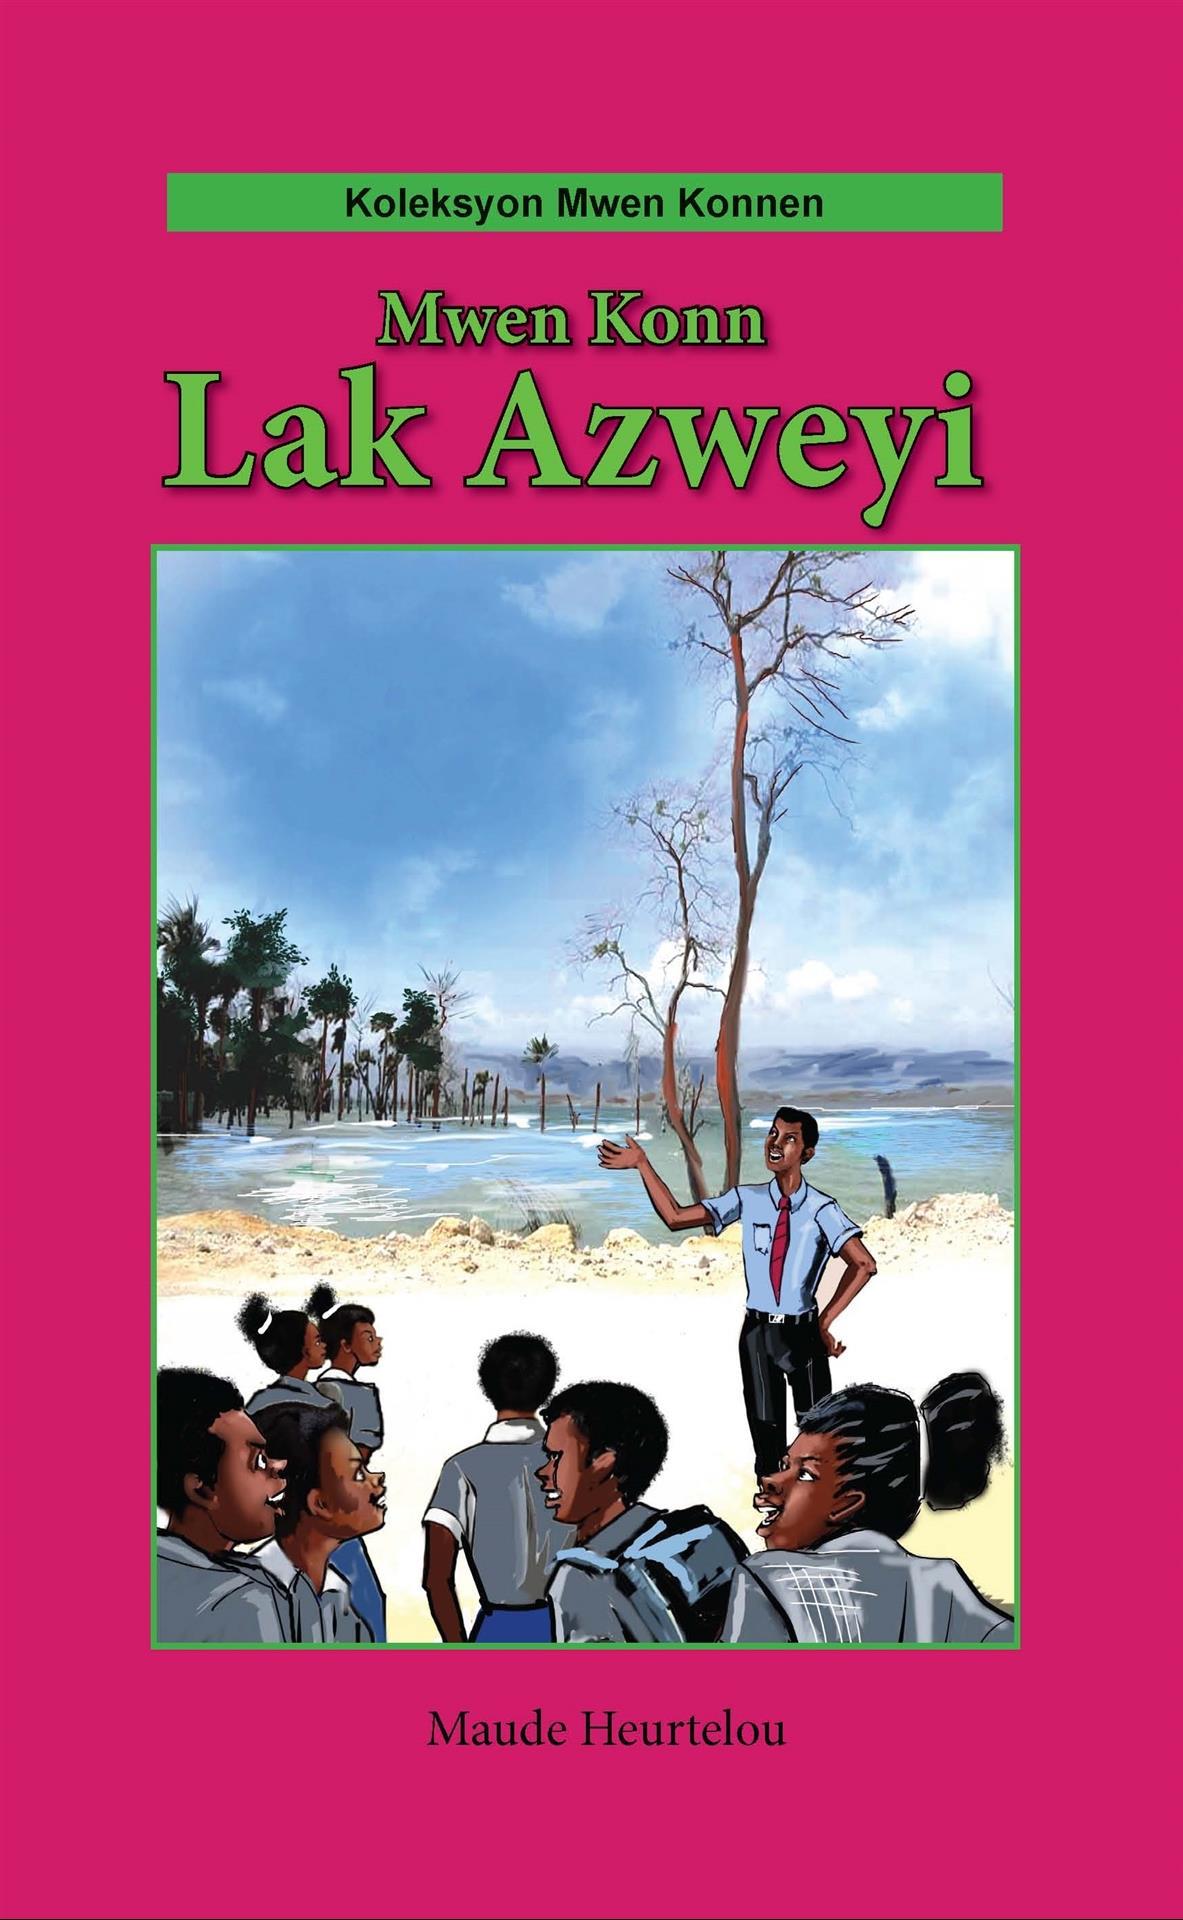 Mwen konn lak Azweyi (Big Book)